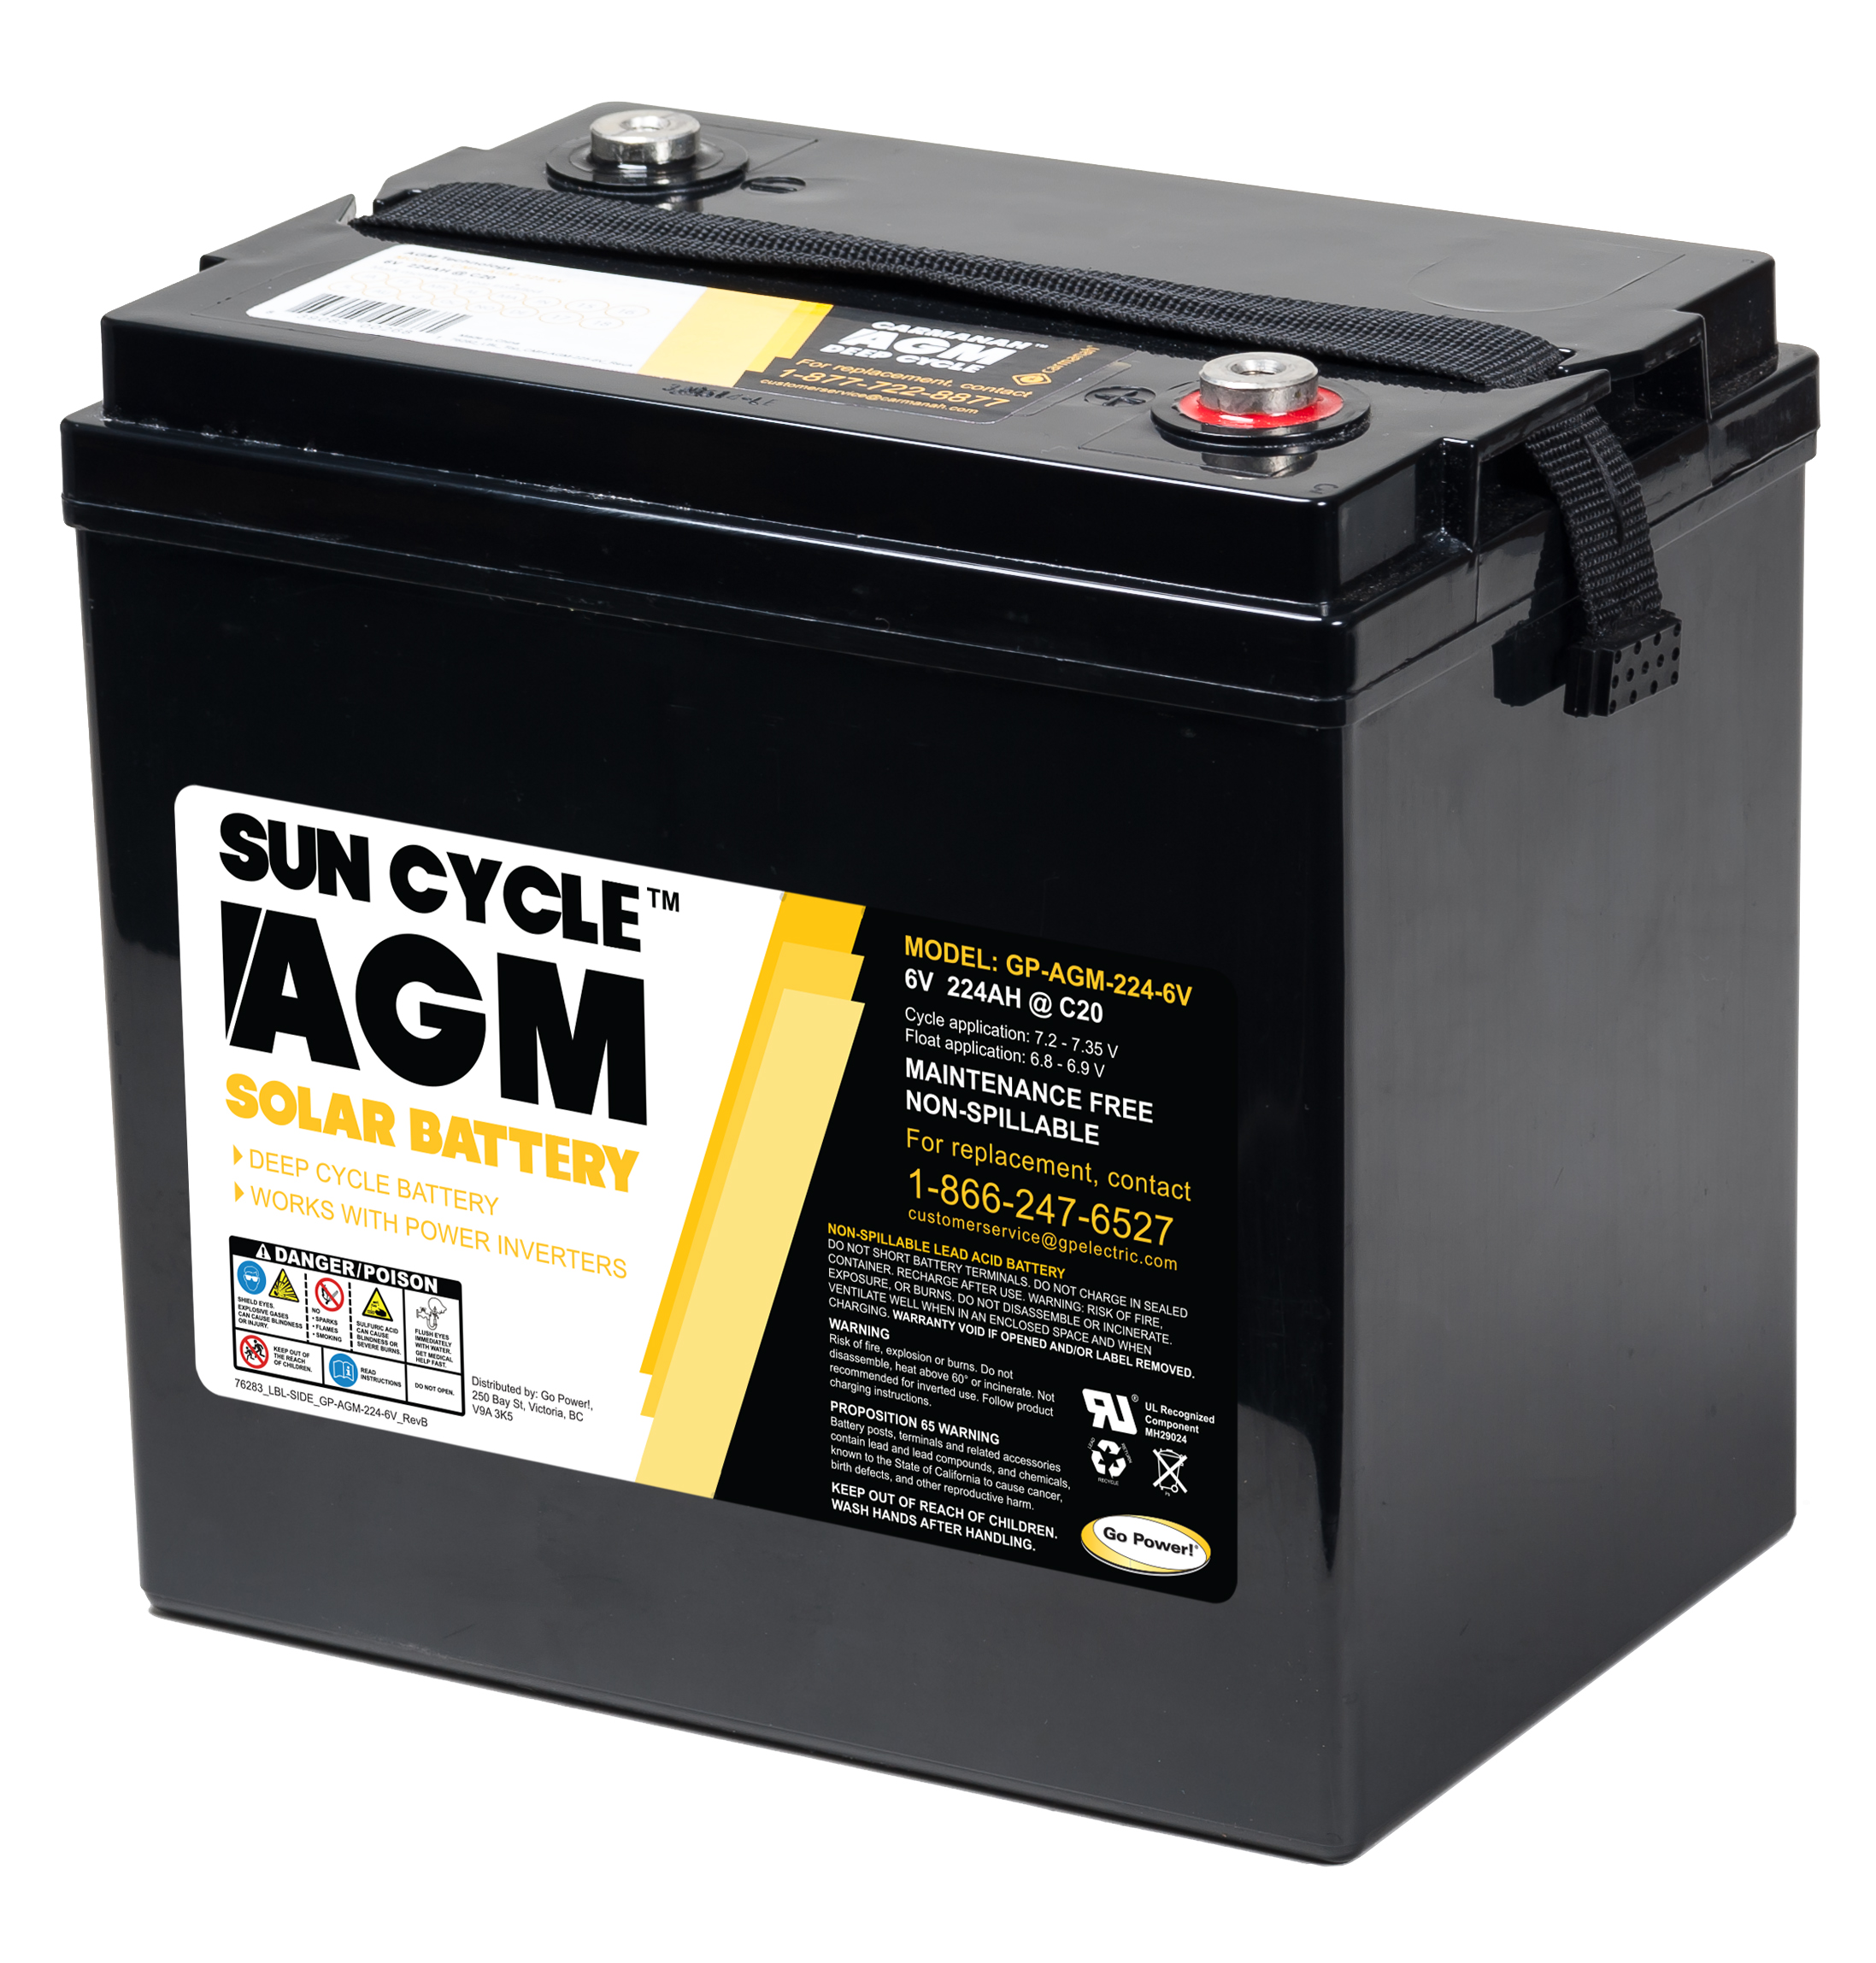 AGM 6v battery